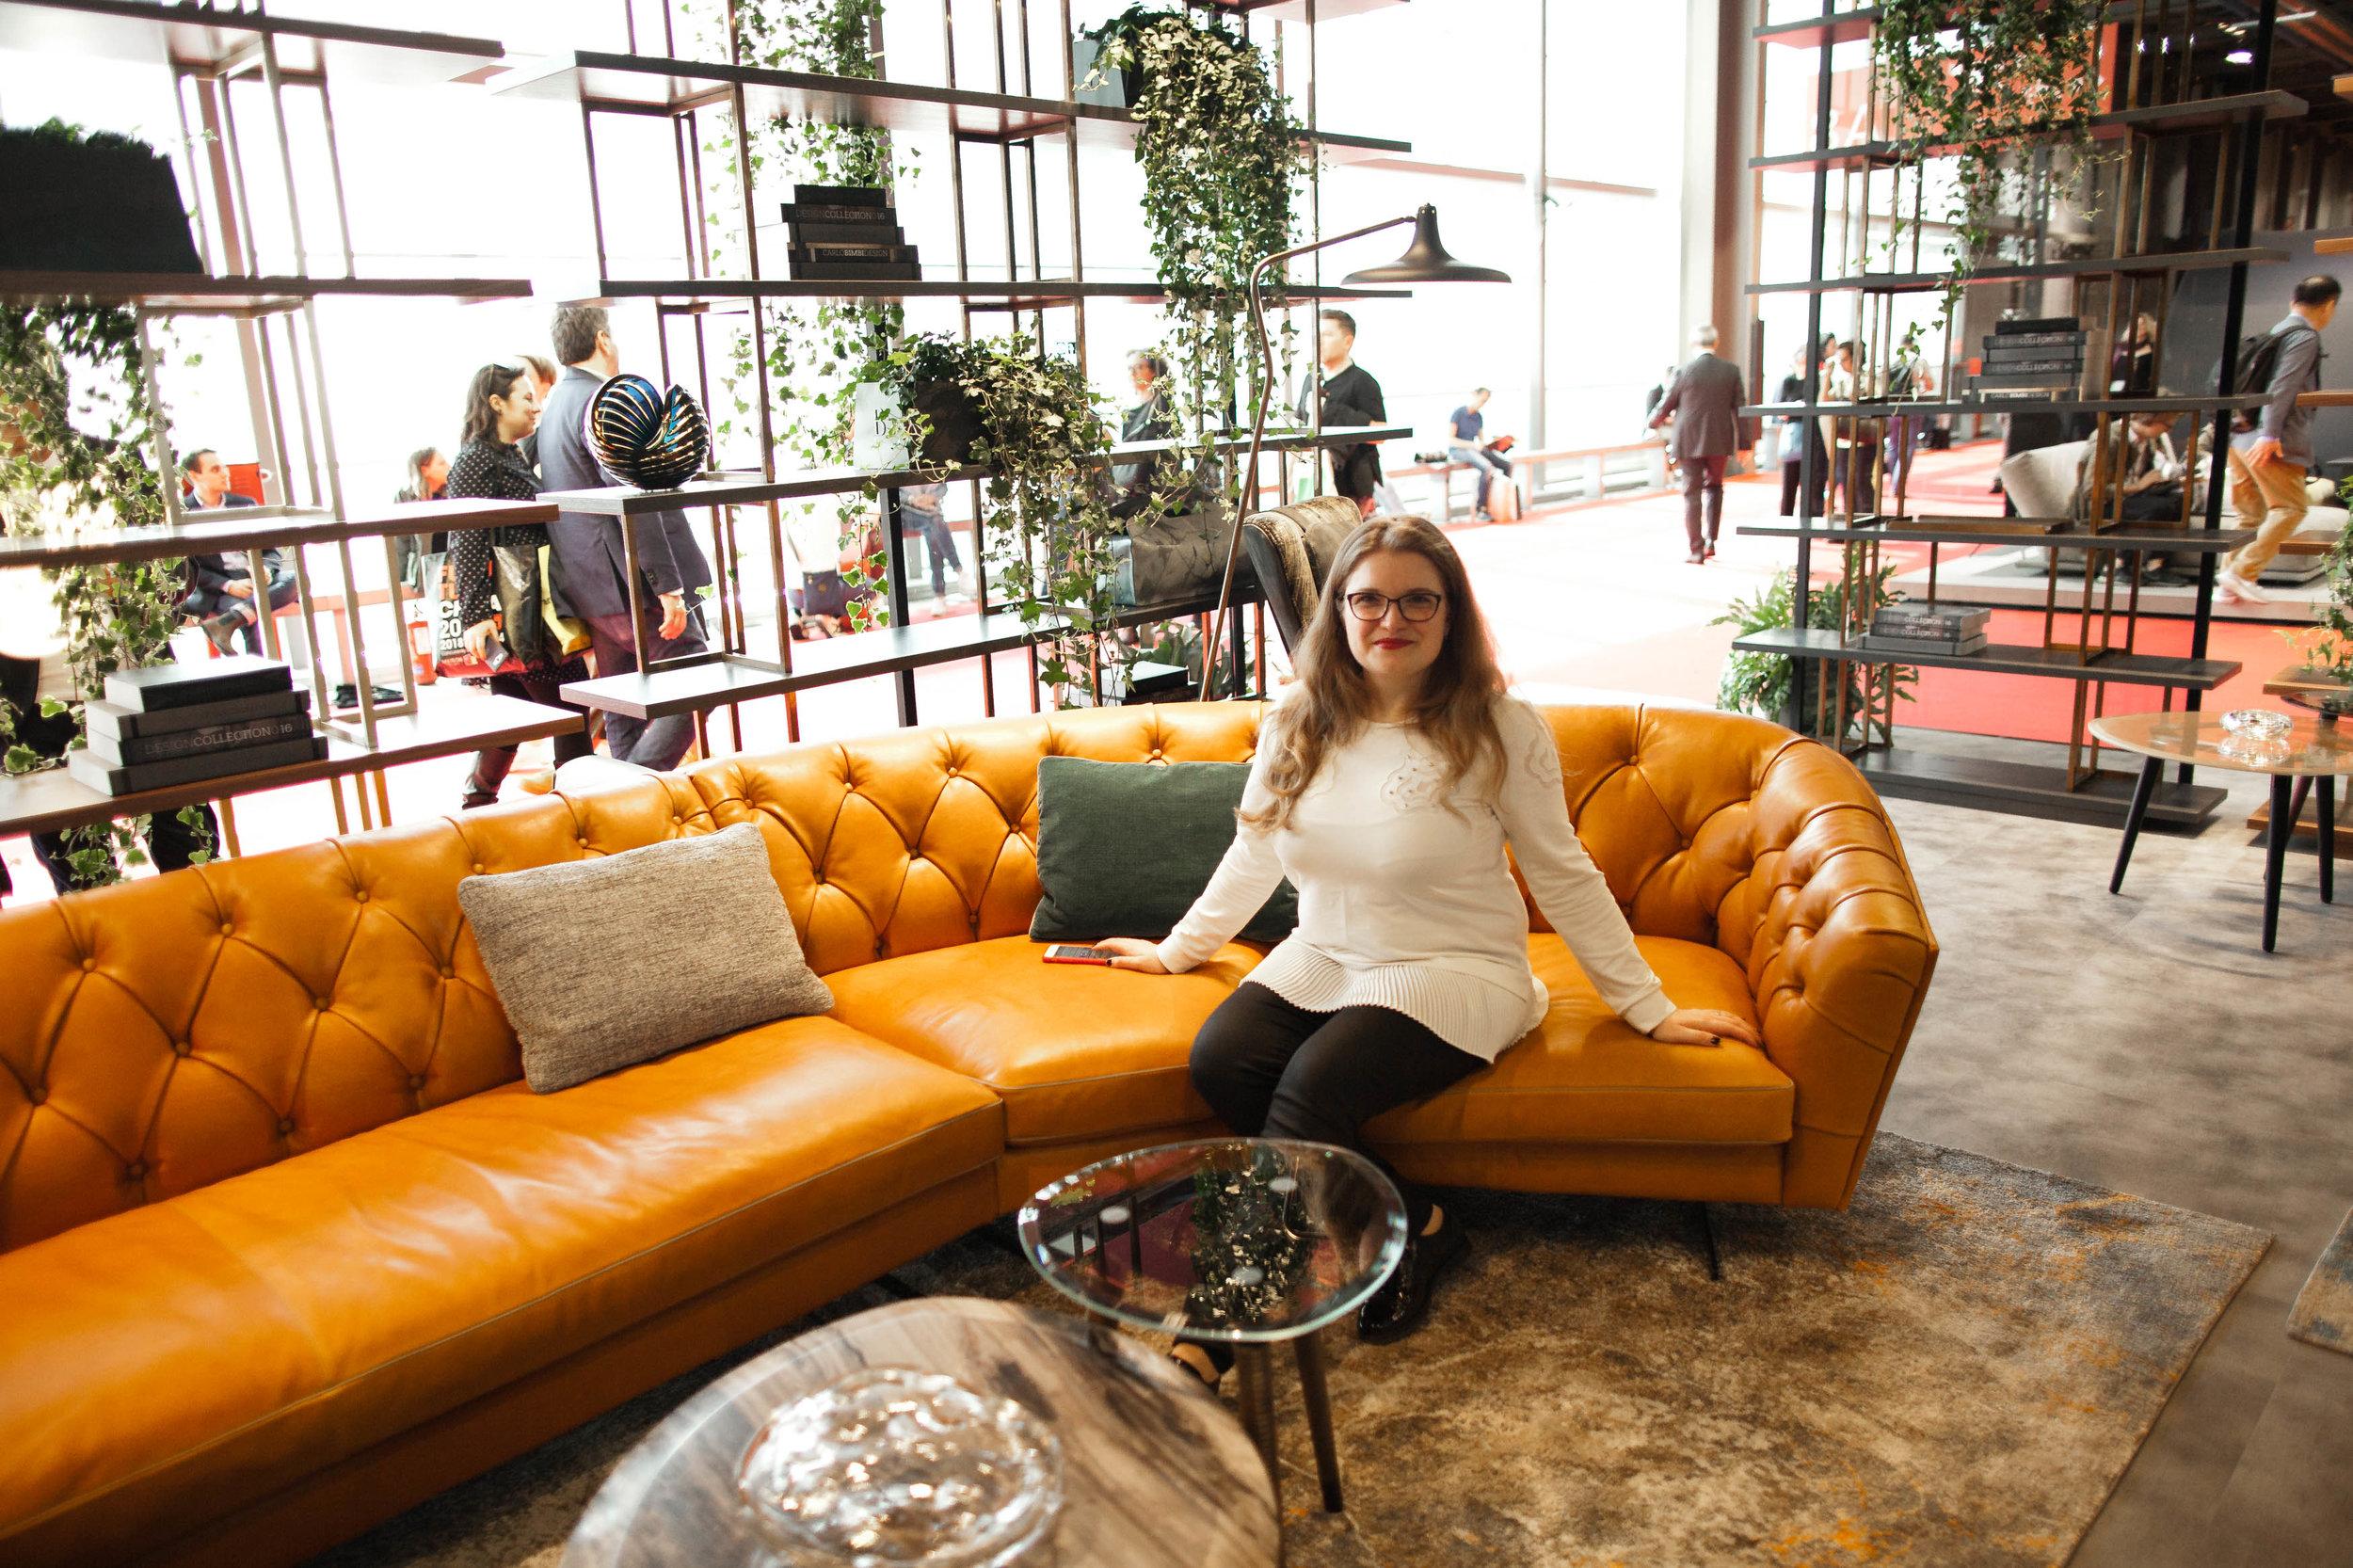 MSH at Salone - New Kap sofa - Masha Shapiro Agency UK.jpg